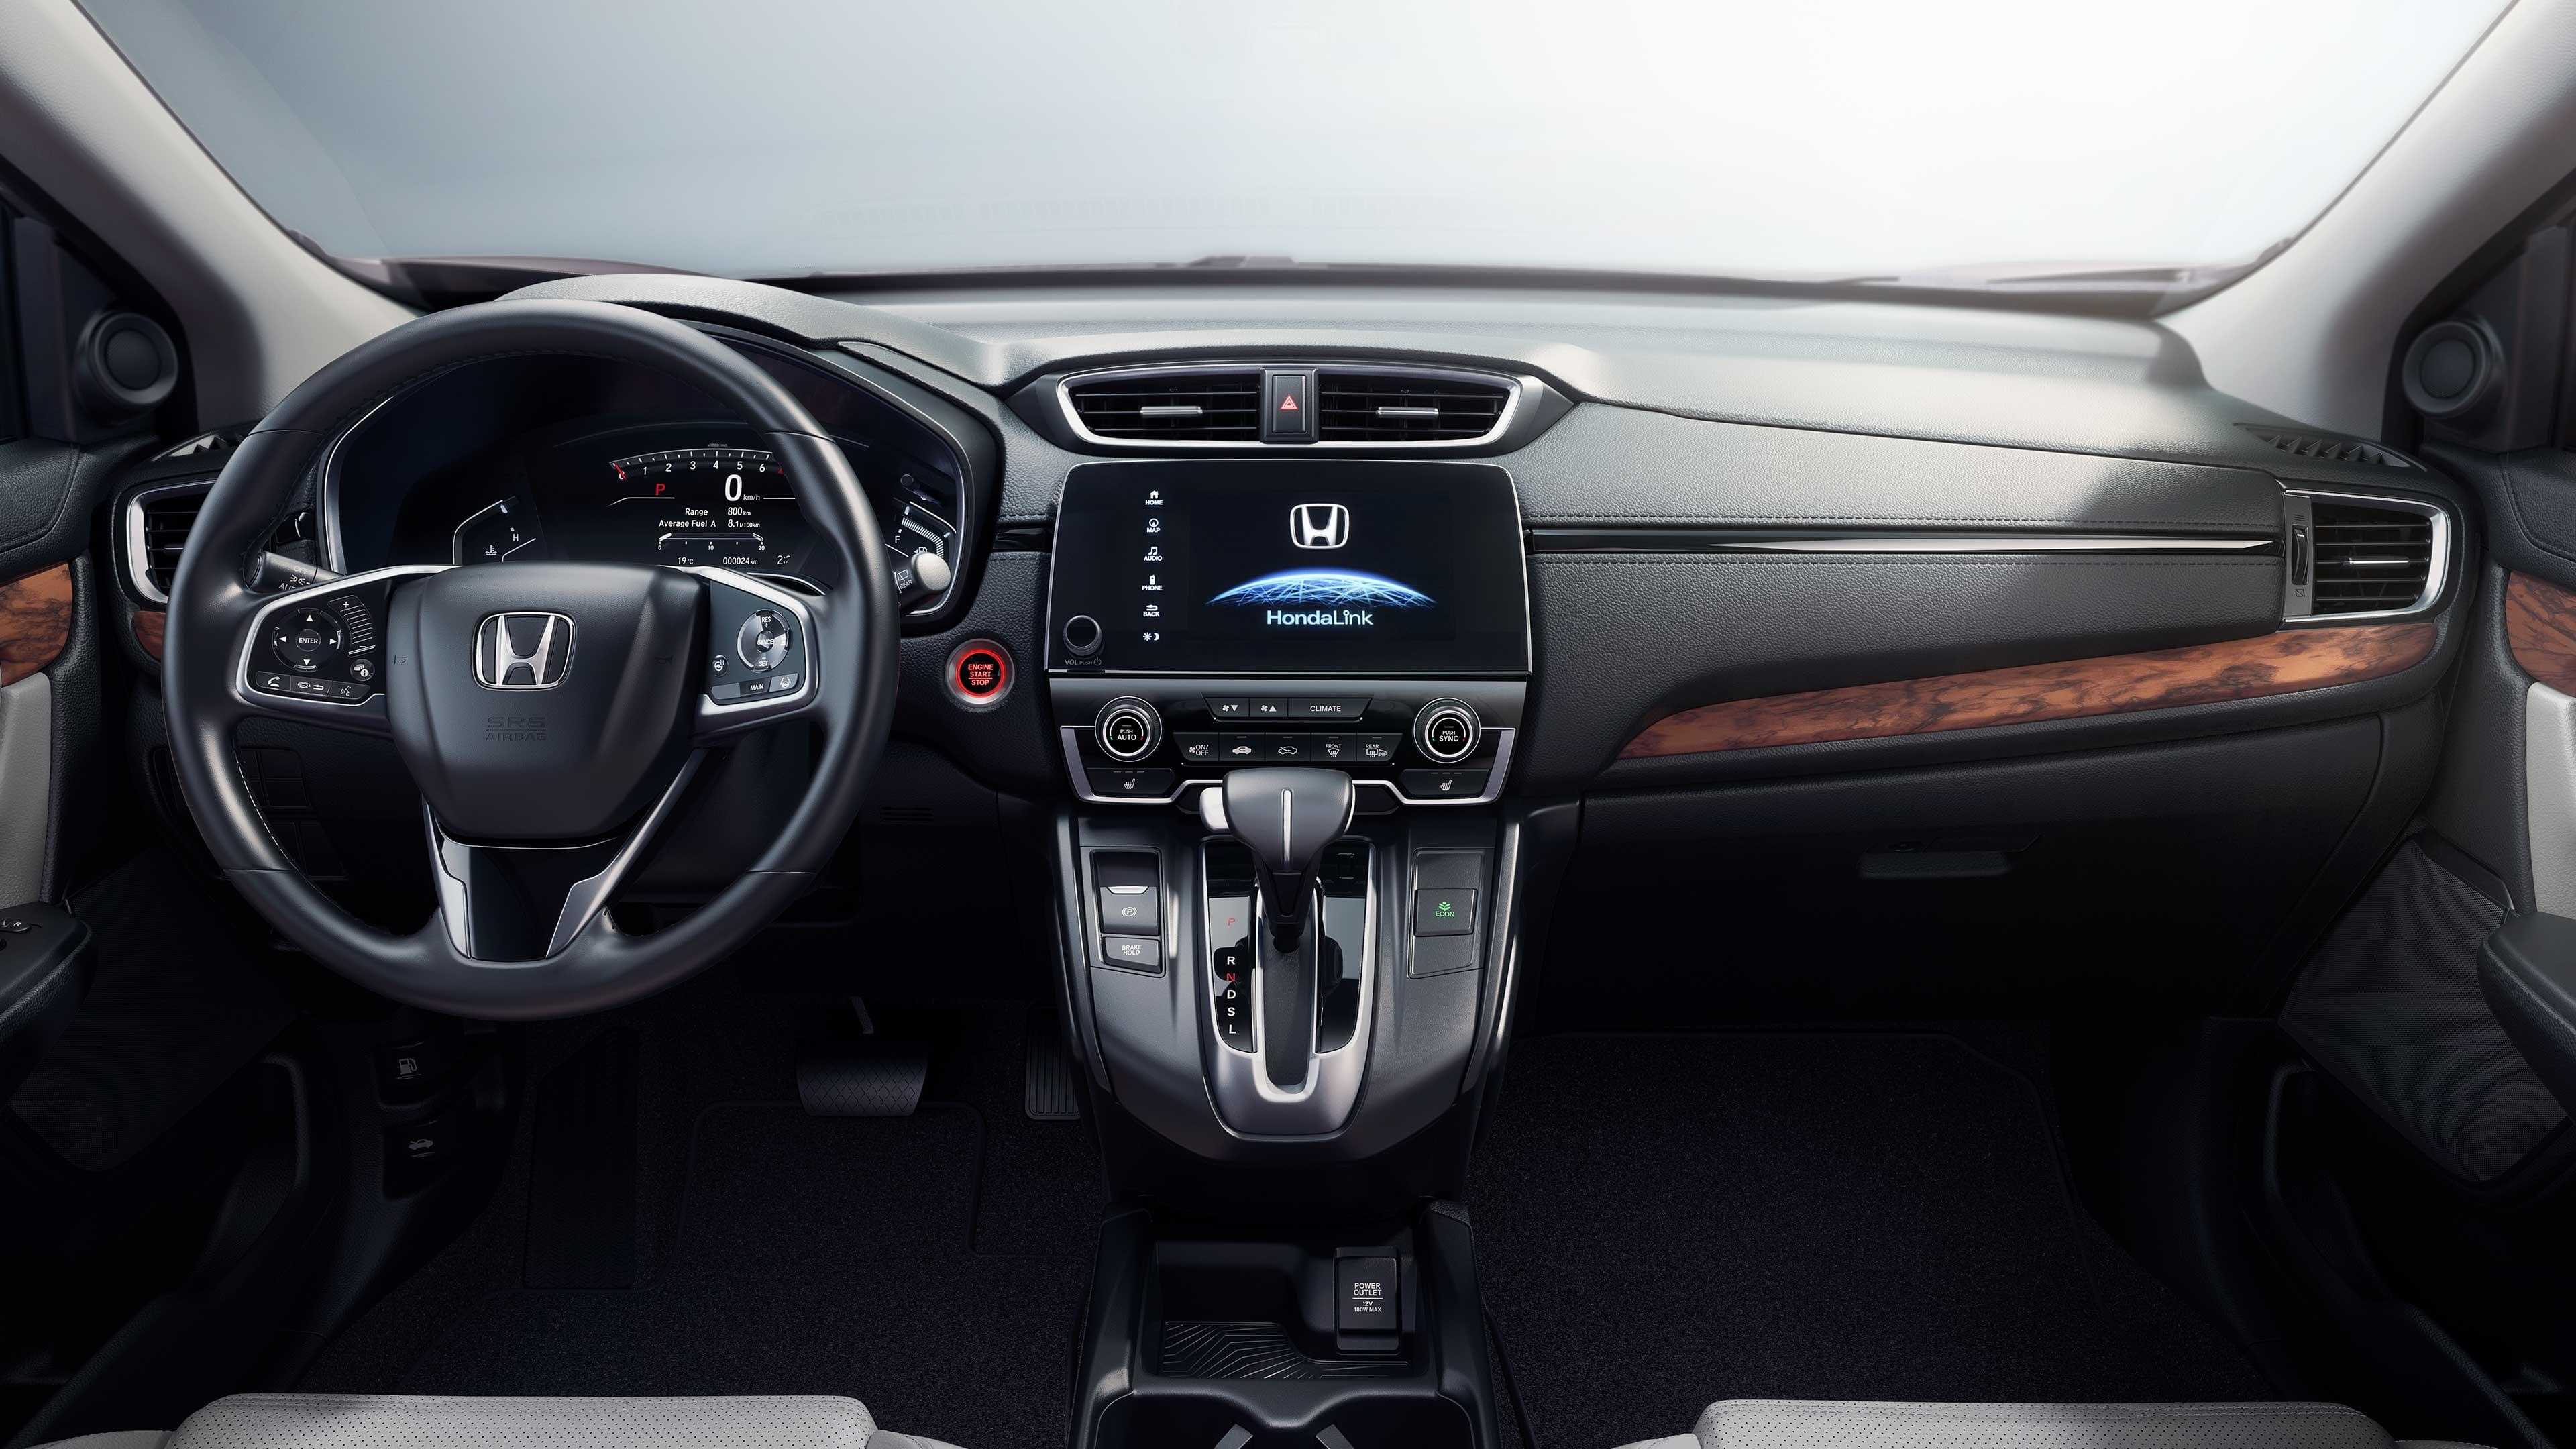 Pickering Honda Reviews The 2017 Crv Touring Toronto Ajax